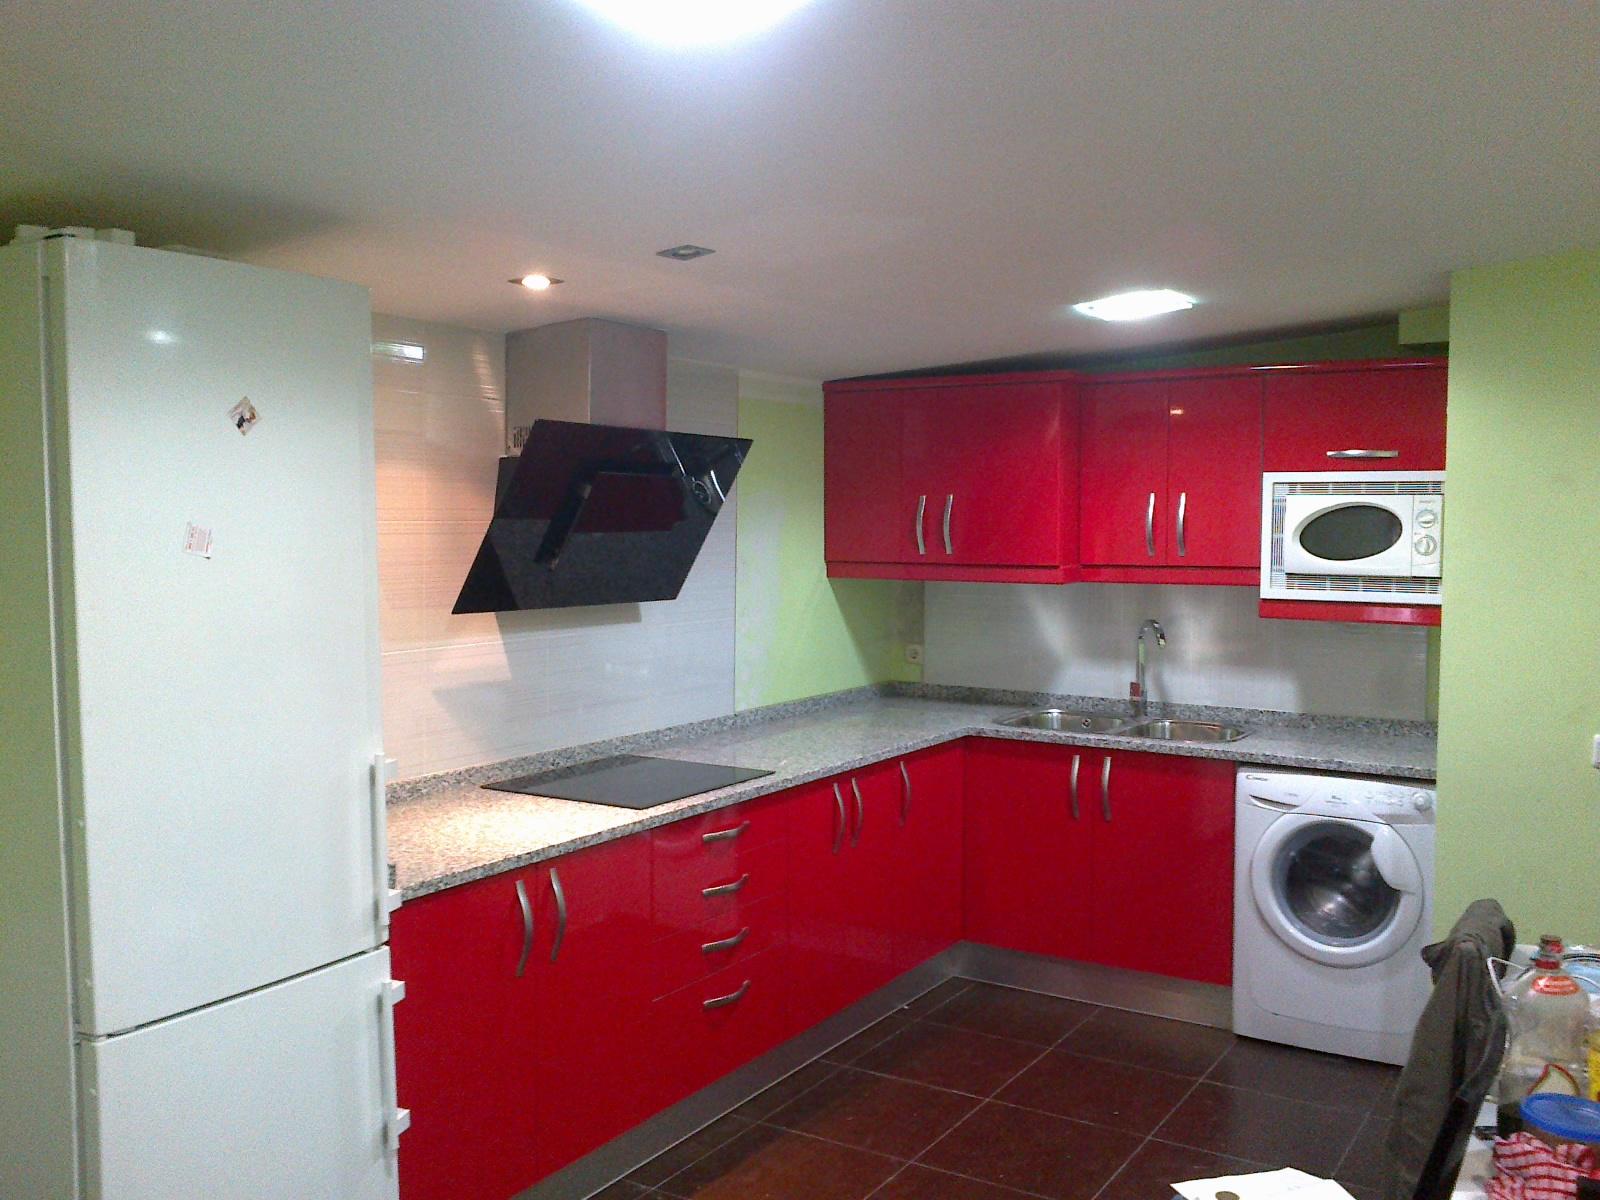 Muebles de cocina sueltos en granada ideas - Muebles de cocina granada ...